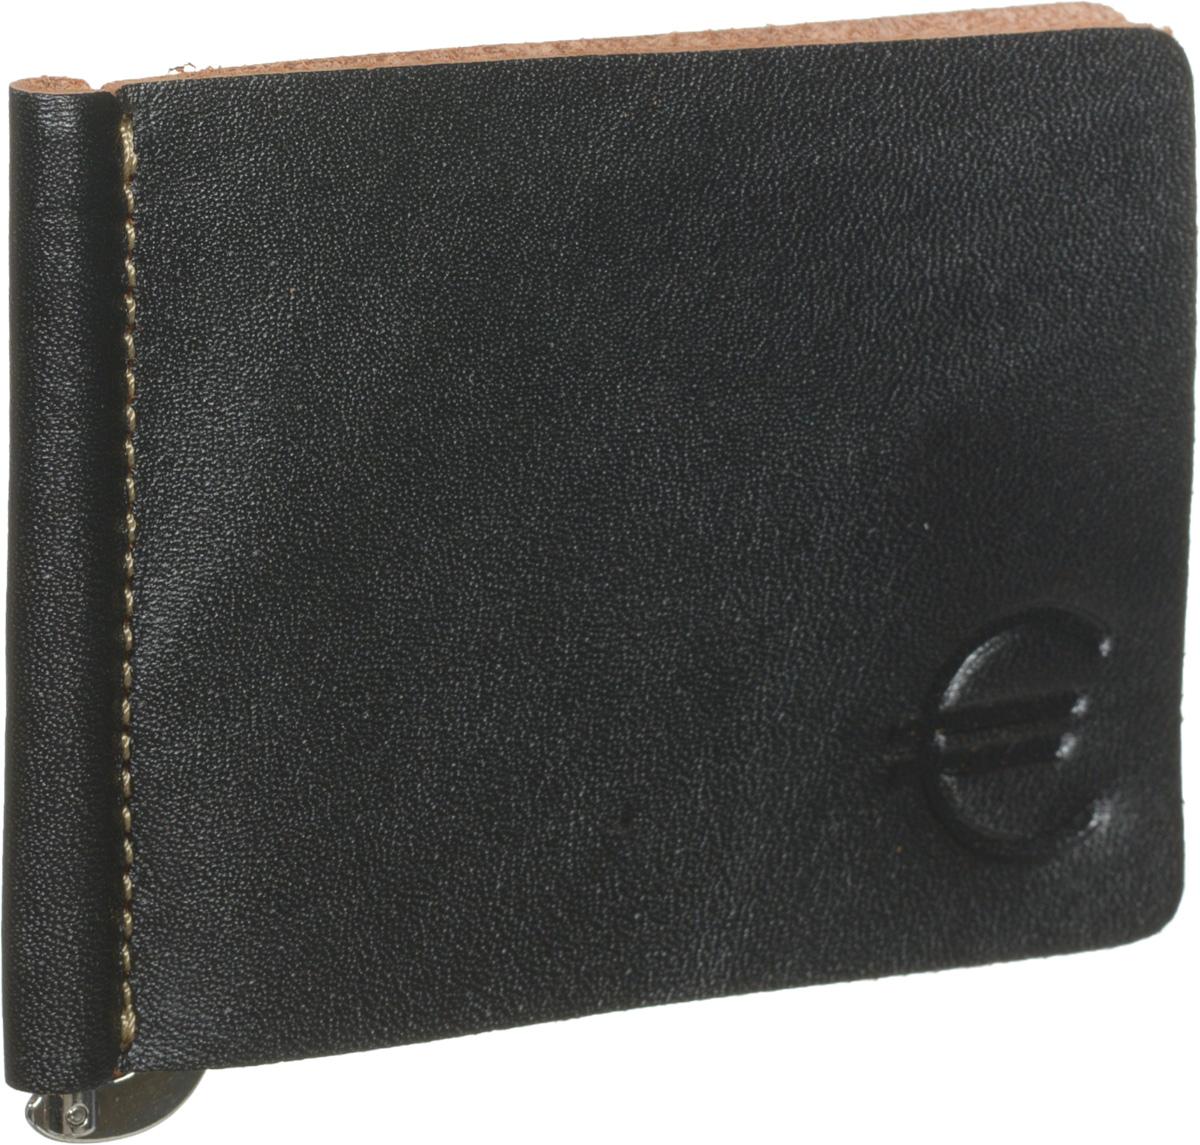 Зажим для купюр мужской Fabula Kansas, цвет: черный. Z.7.TXFZ.7.TXF.черныйЗажим для купюр Fabula из коллекции Kansas выполнен в толстой винтажной коже, оформлен контрастной отделочной строчкой и тиснением знак евро. Изделие раскладывается пополам, на внутреннем развороте удобный металлический зажим для купюр. Зажим для купюр упакован в коробку из плотного картона с логотипом фирмы. Этот практичный зажим для купюр непременно подойдет к вашему образу, а также порадует вас своей простотой, стилем и функциональностью.